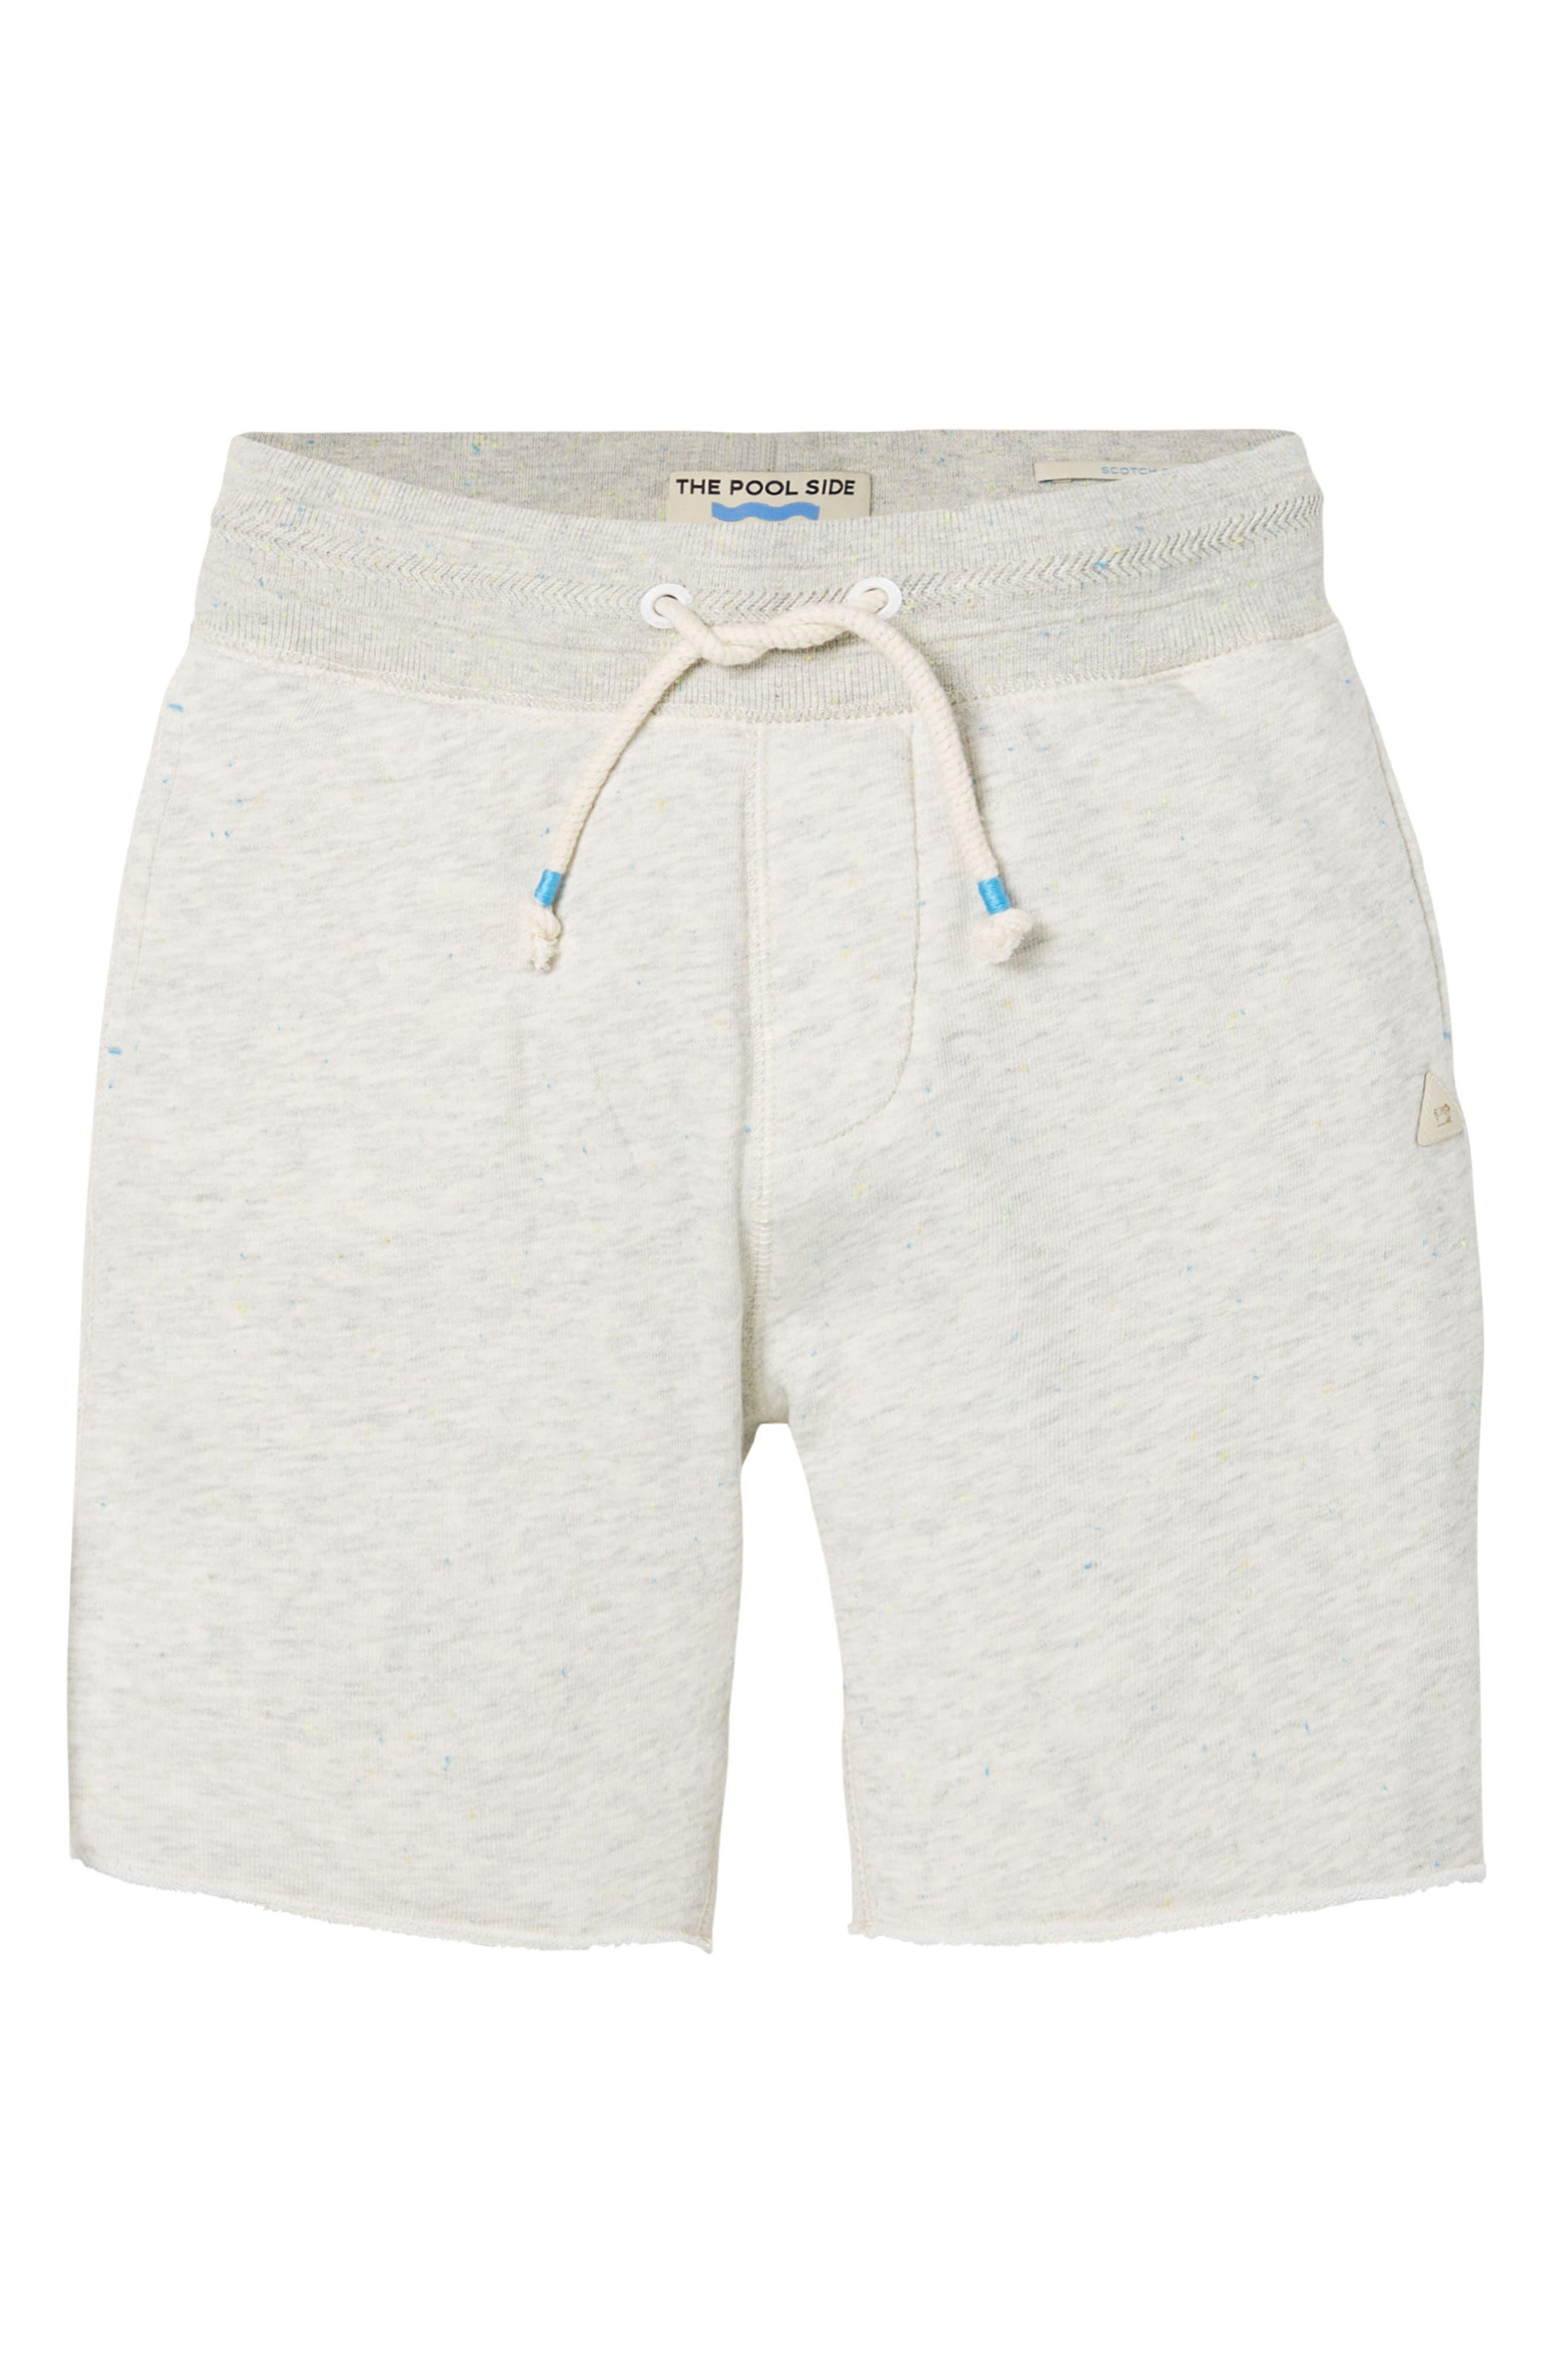 Pool Side Knit Shorts,                             Main thumbnail 1, color,                             900